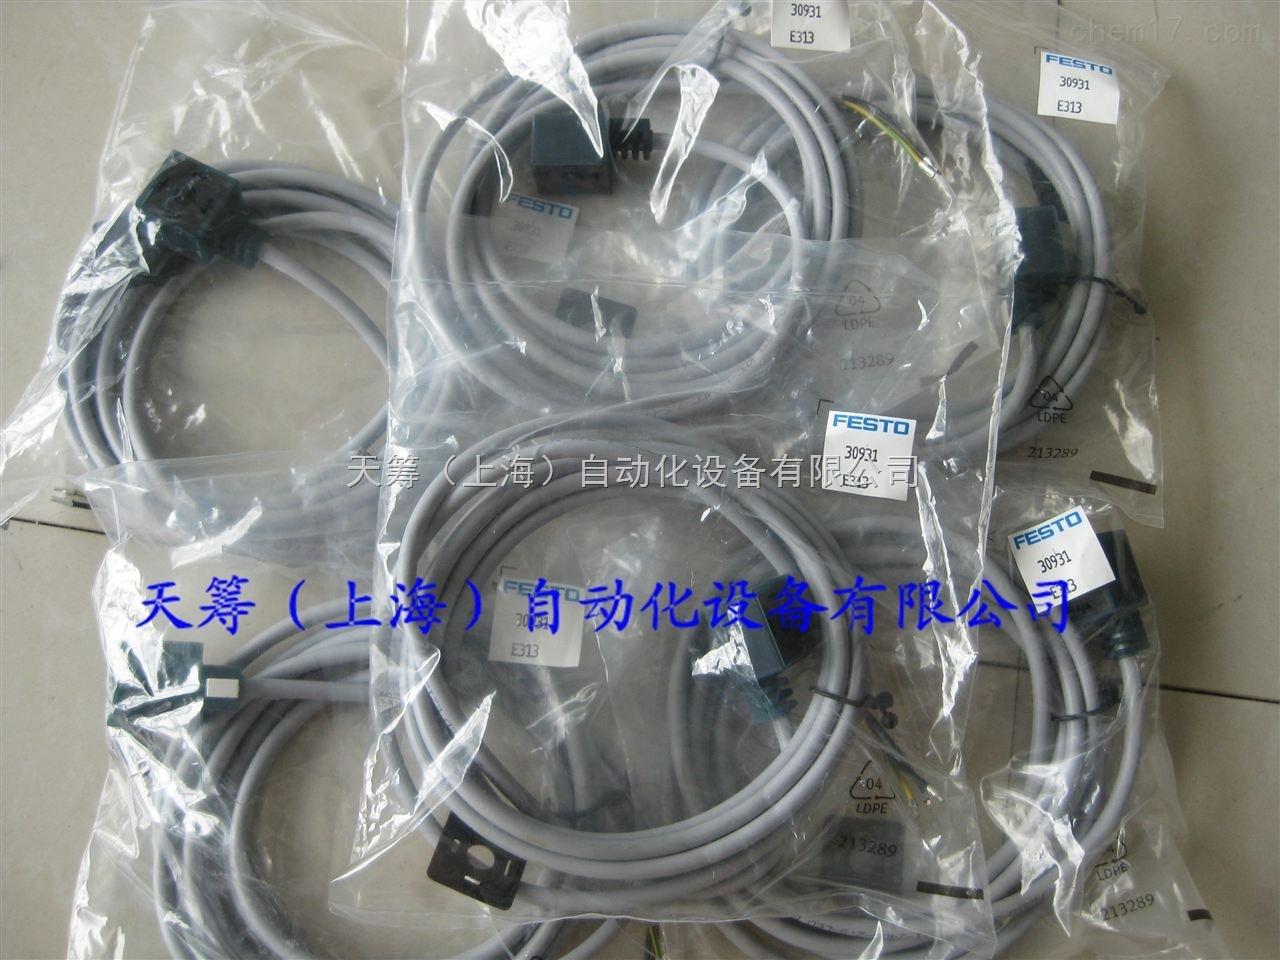 费斯托FESTO带电缆的插头插座KMC-1-24DC-2,5-LED